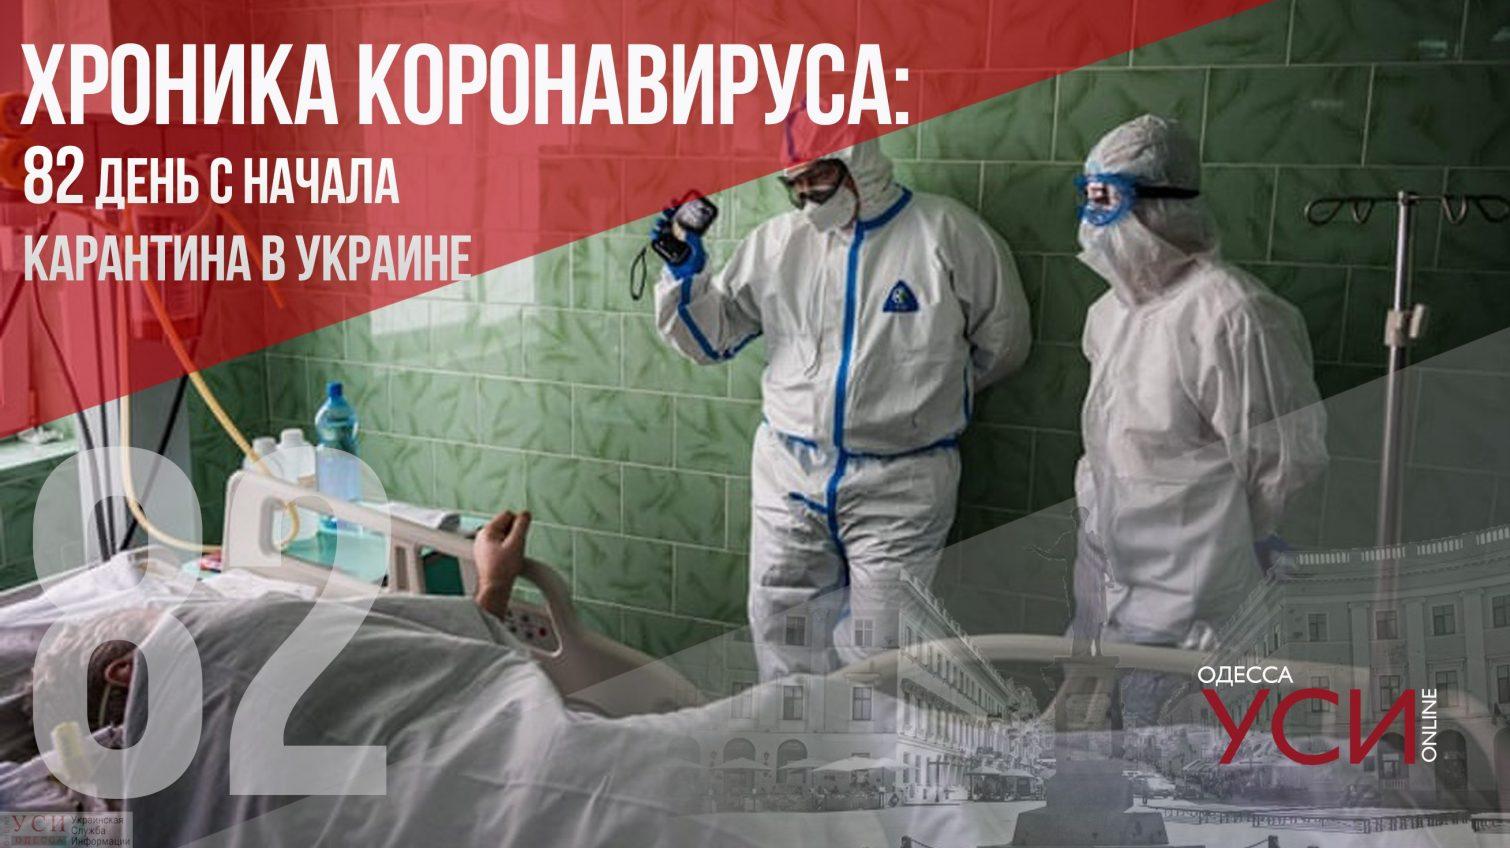 Хроника коронавируса: 82 дня с начала карантина в Украине, в Одесской области новые заболевшие «фото»